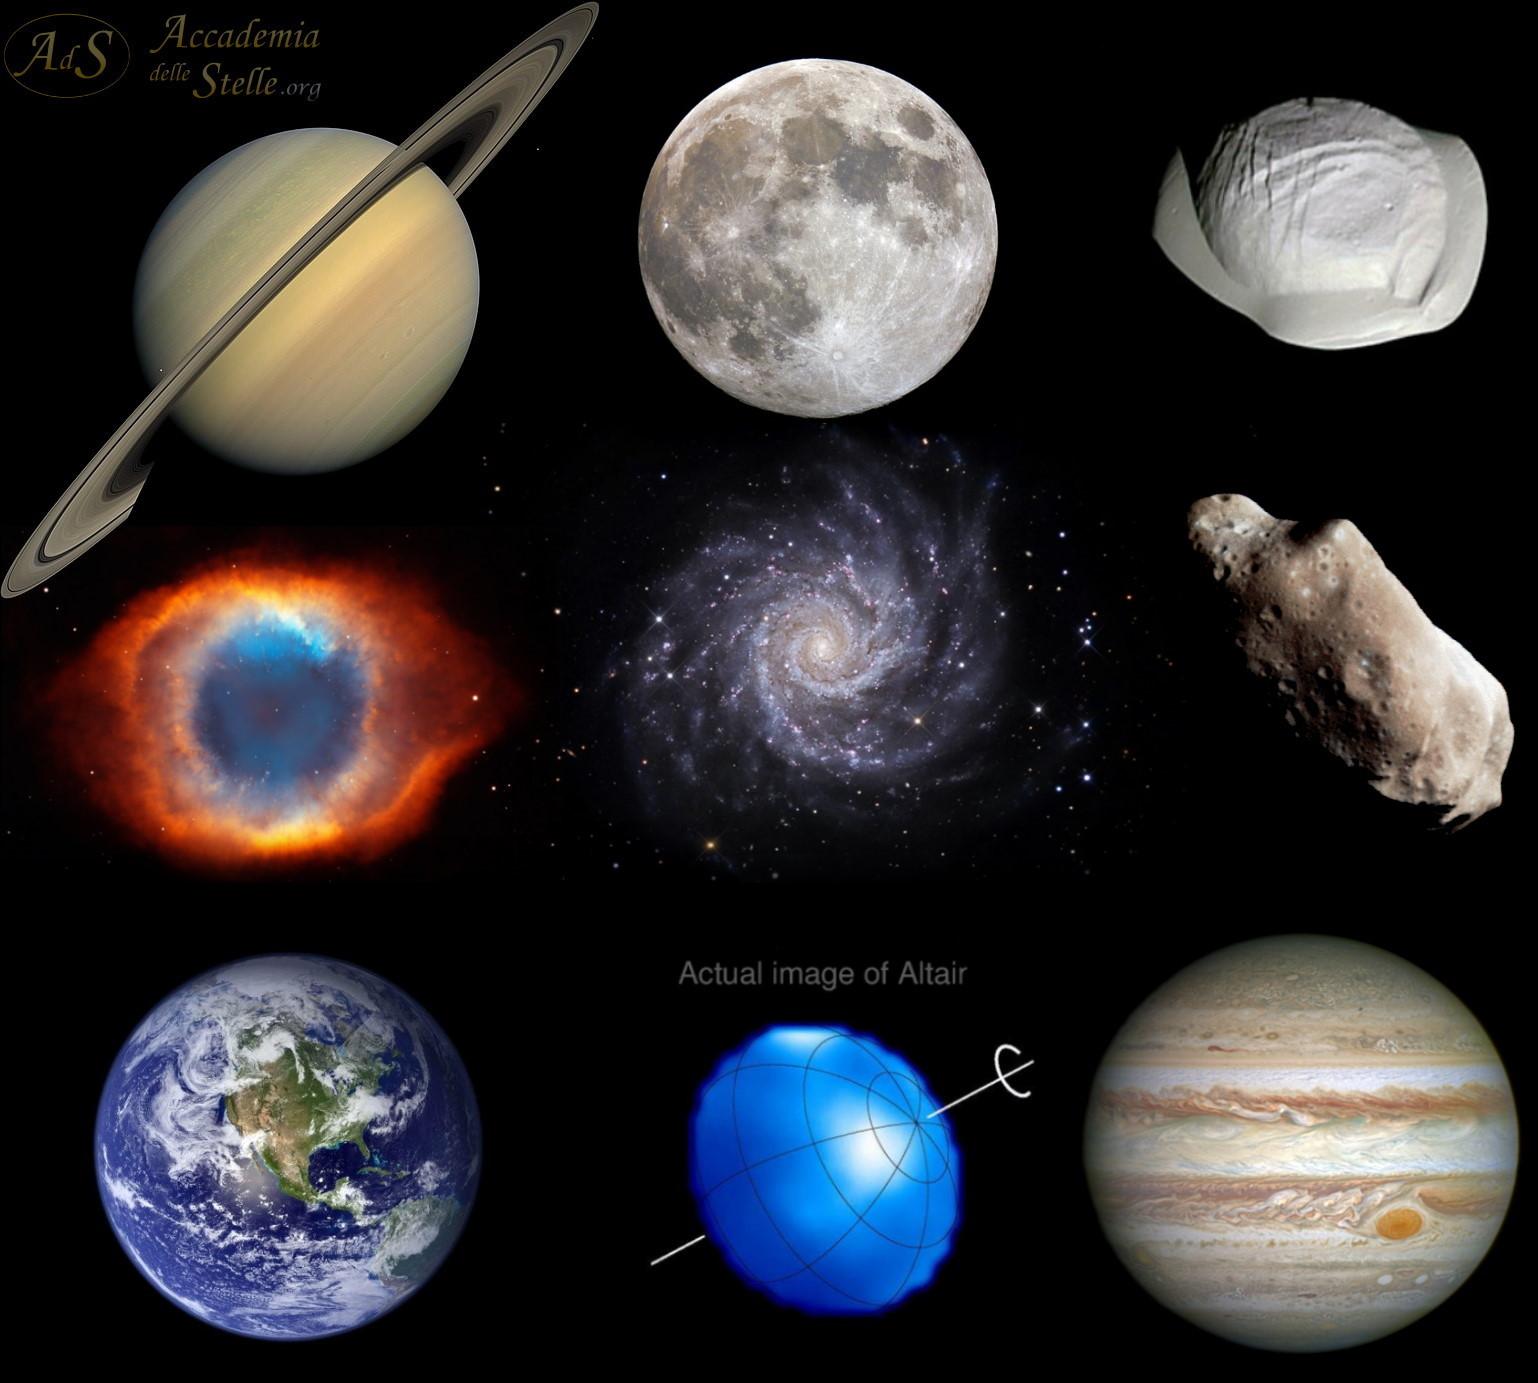 Alcuni astri: Saturno, Luna, Pan (luna di Saturno), nebulosa planetaria Elica, galassia a spirale M74, asteroide Ida, Terra, Altair, Giove.